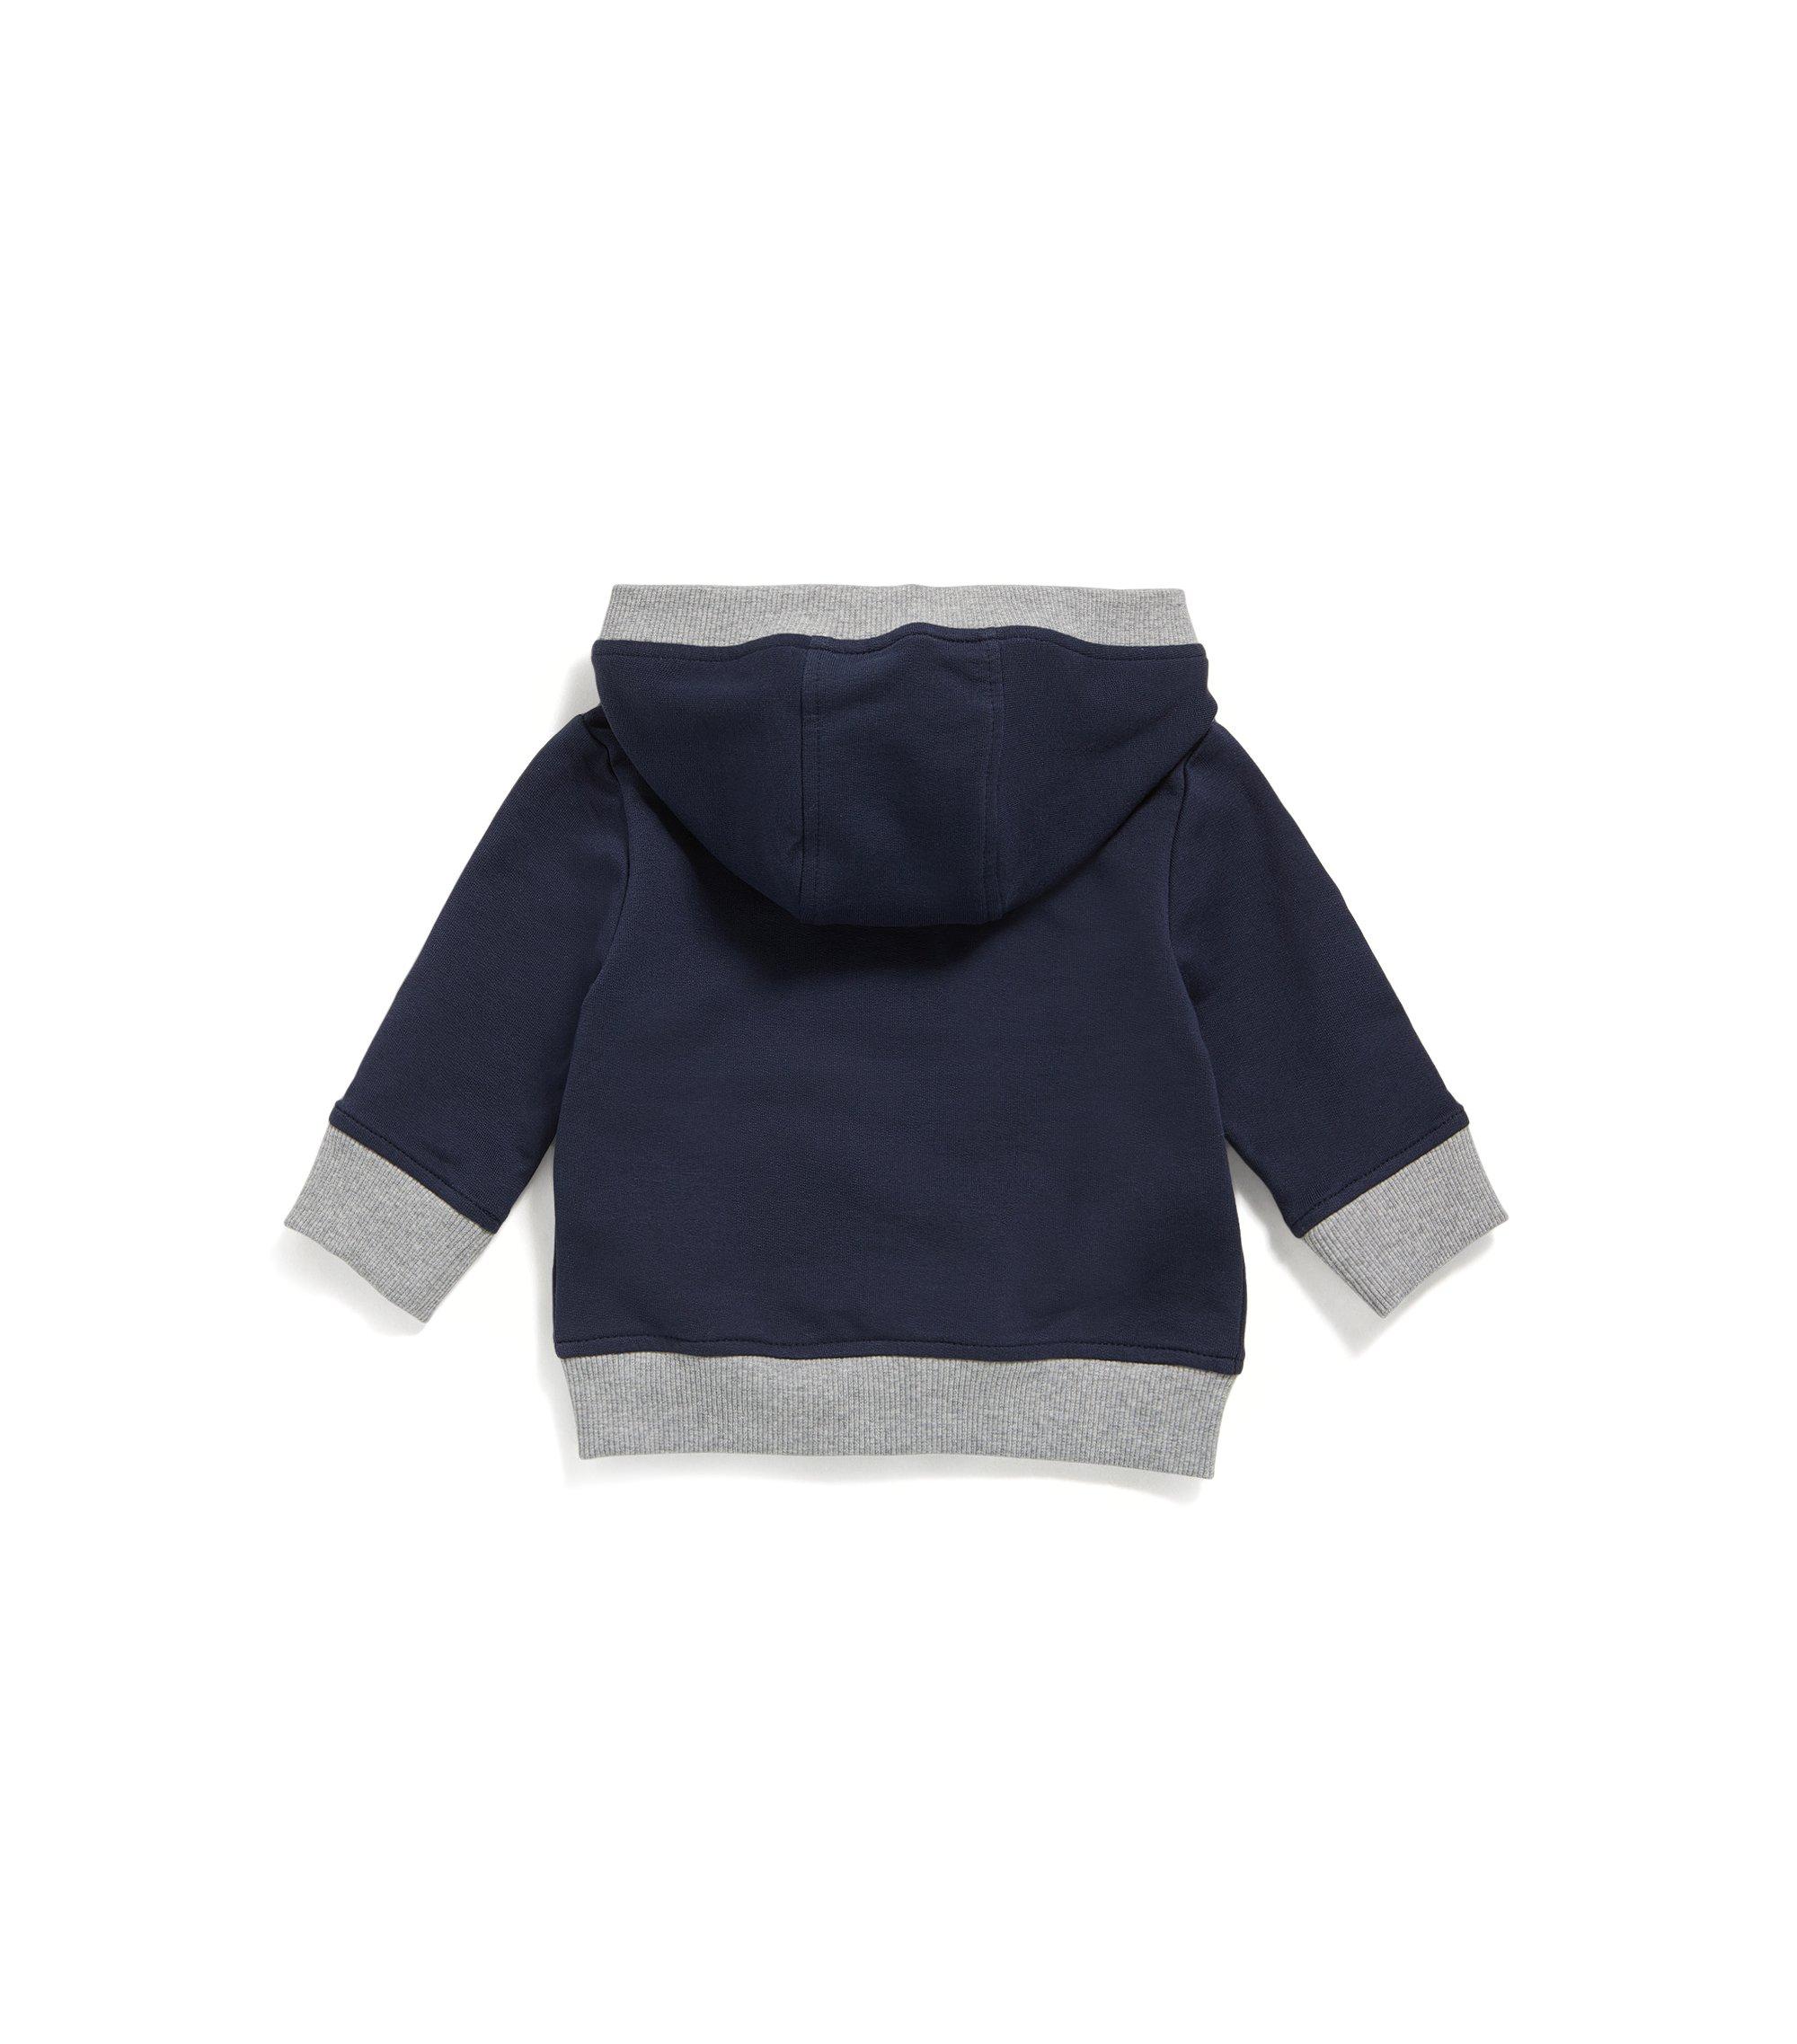 Kindersweatshirt van katoenen fleece met doorlopende ritssluiting, Donkerblauw